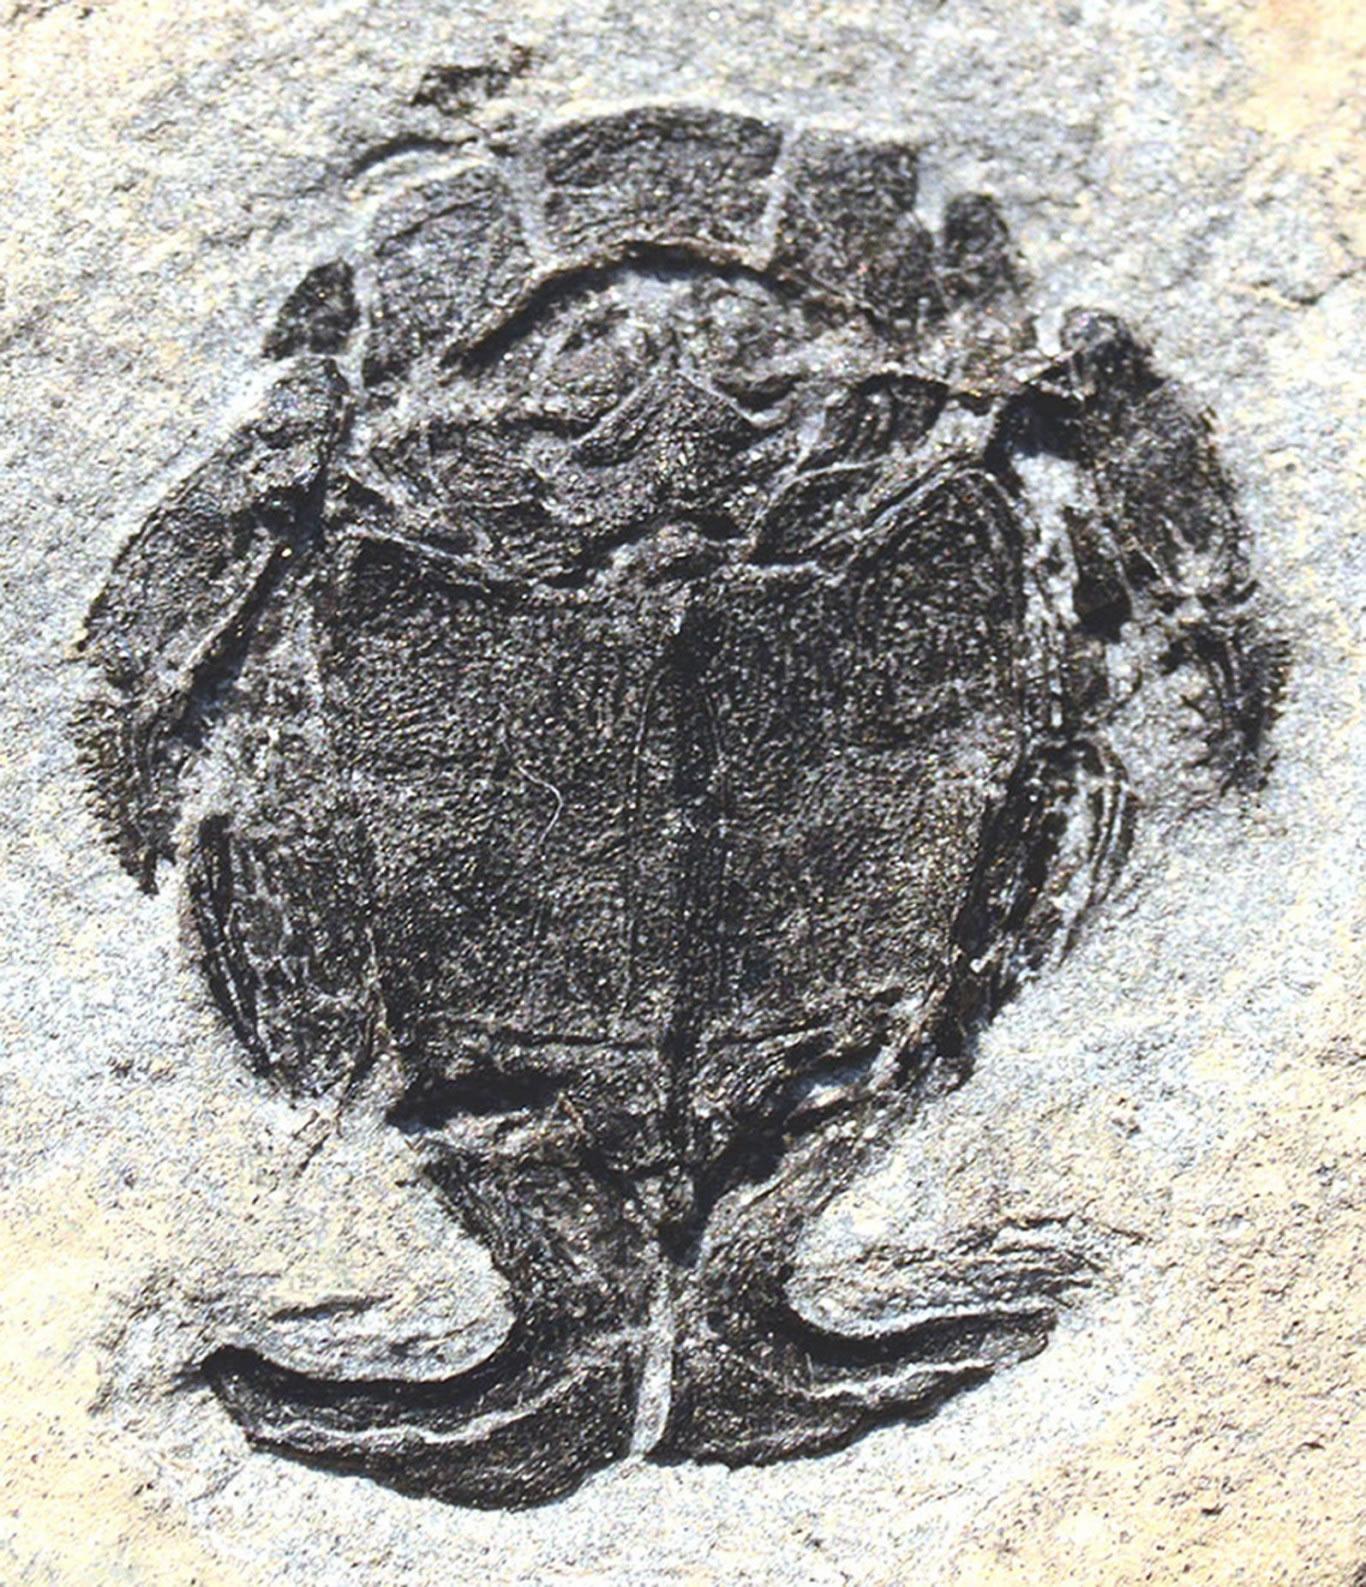 小肢鱼交配化石